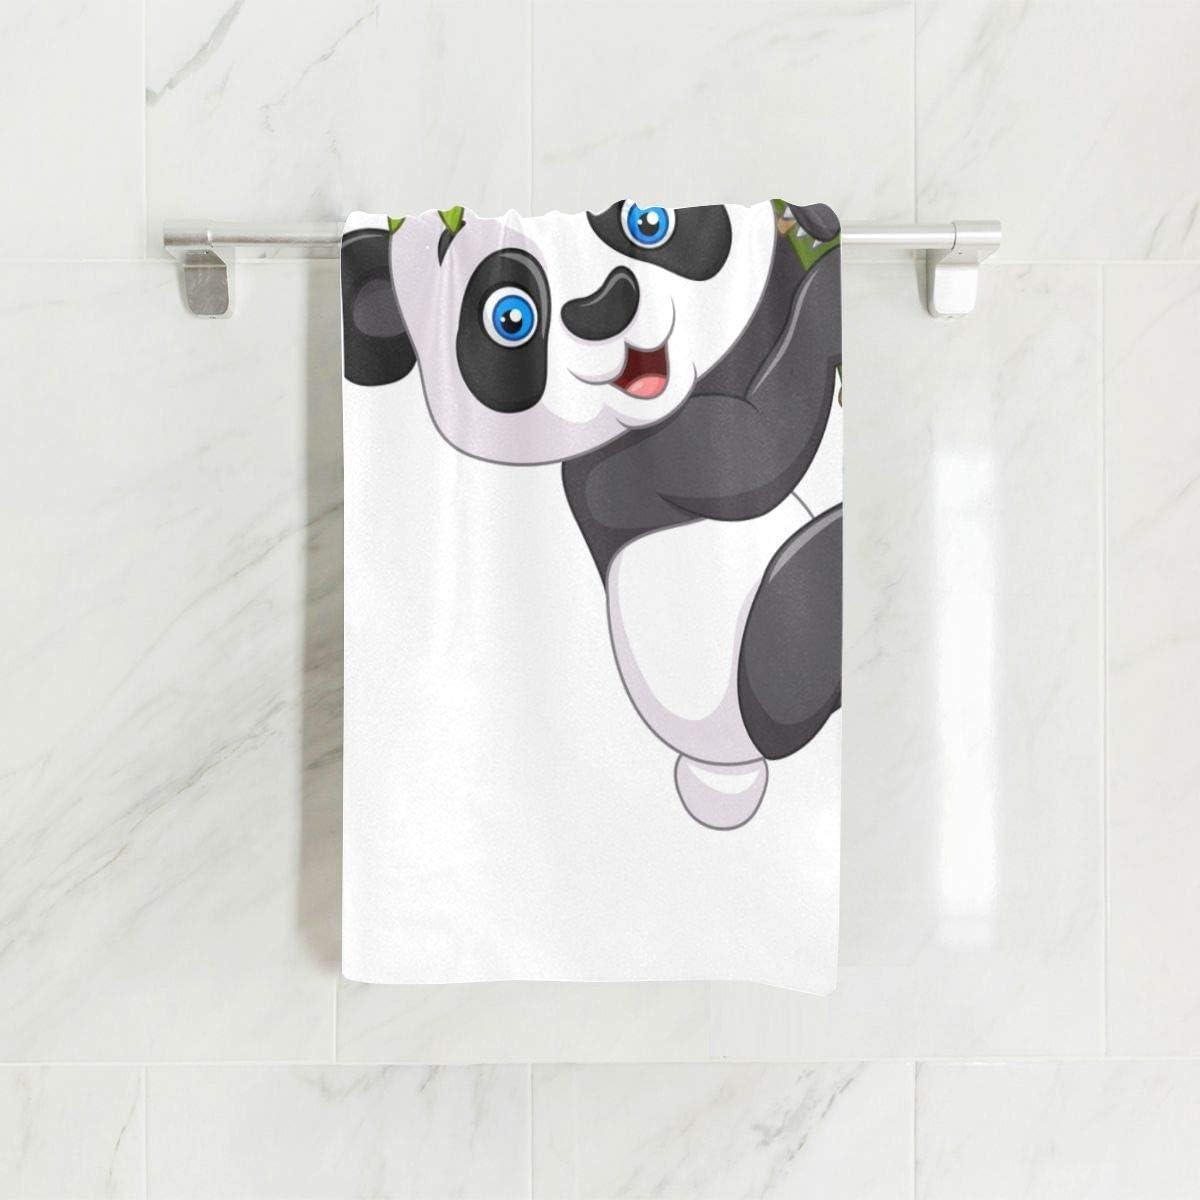 Chinois Panda Manger Bambou Doux Spa Plage Serviette De Bain Du Doigt Serviette De Toilette D/ébarbouillette Pour B/éb/é Adulte Salle De Bains Douche De Plage Wrap H/ôtel Voyage Gym Sport 30x15 Pouce